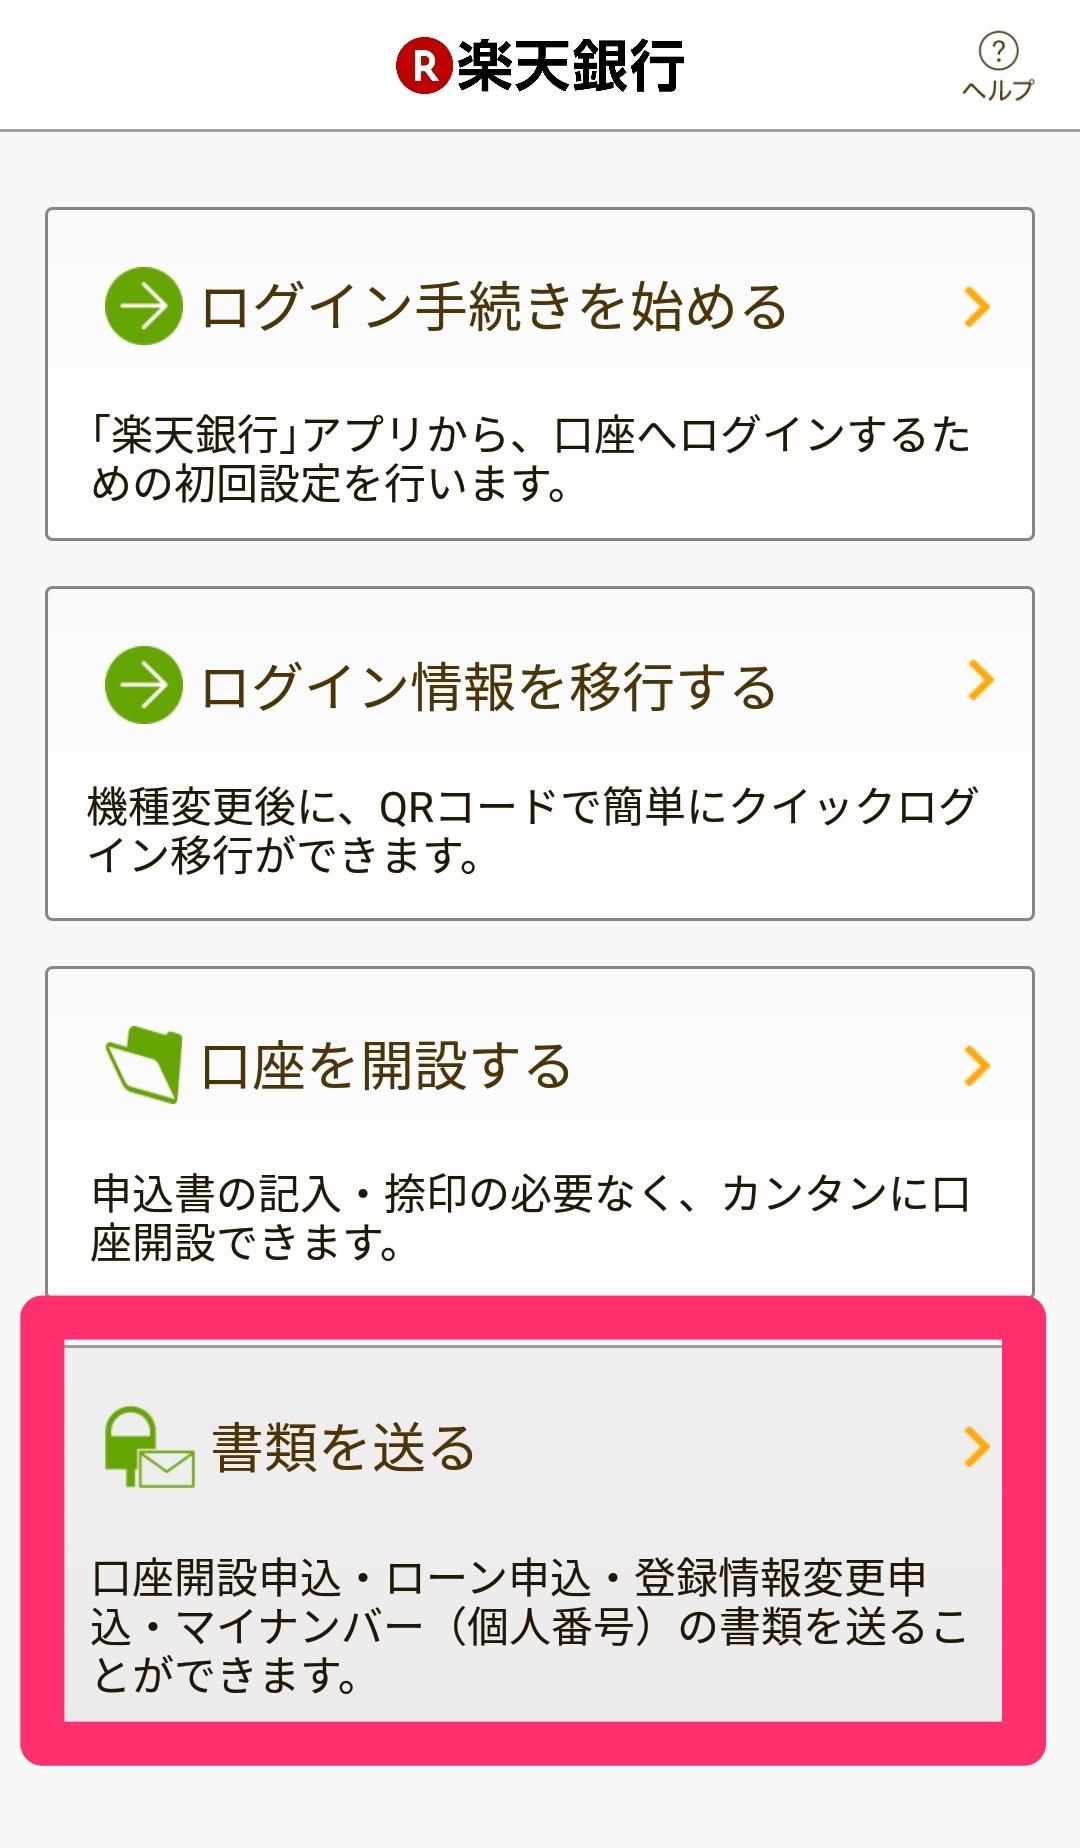 楽天銀行アプリ・ログイン後画面